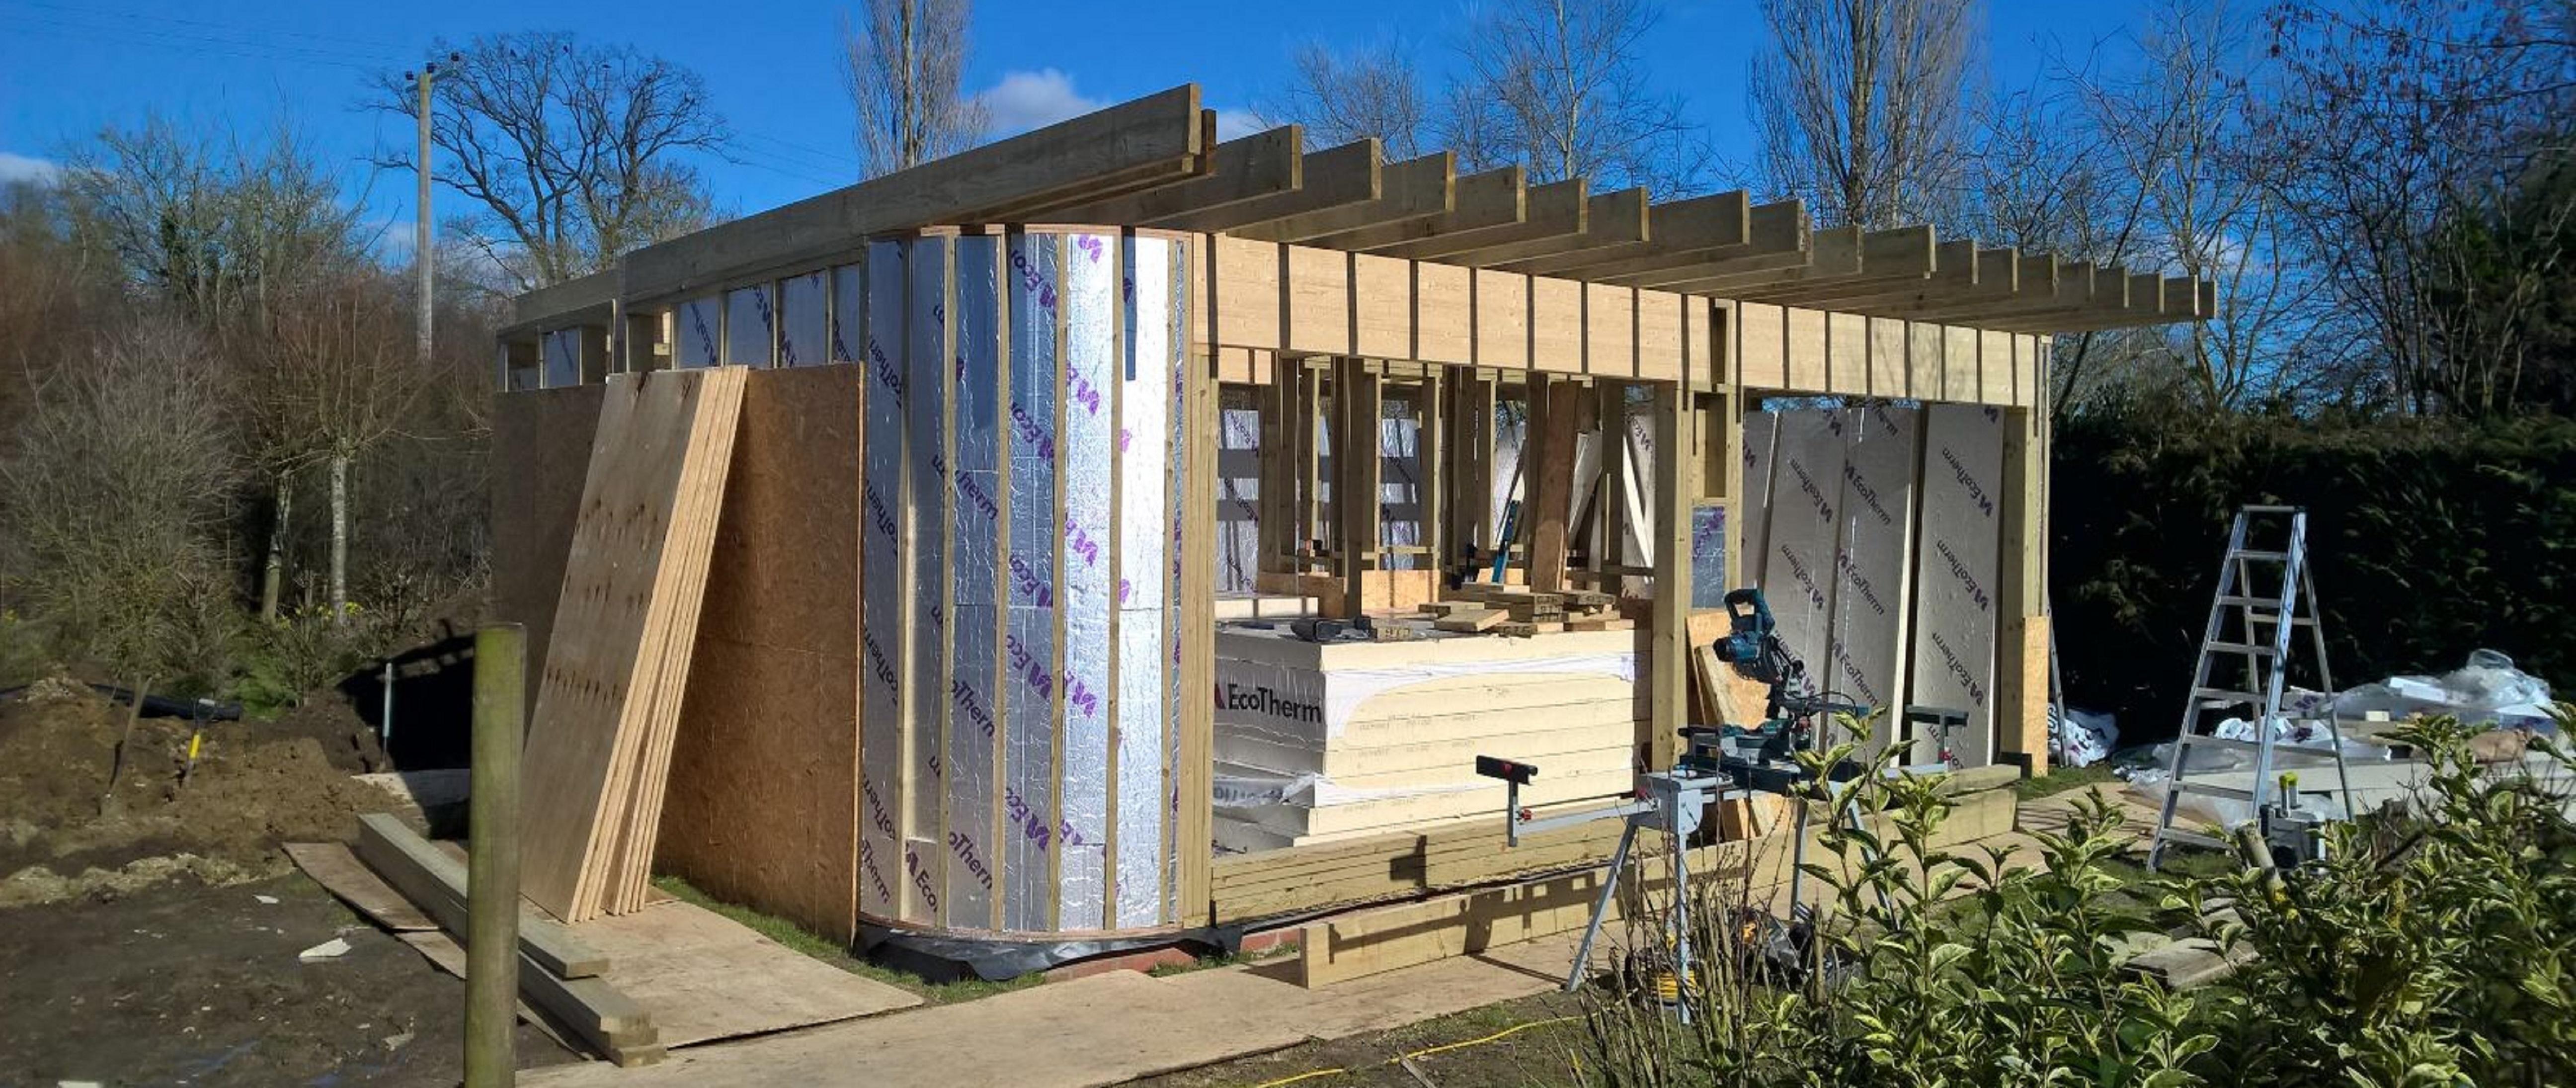 Building regs, Stanton 5184 x 2189